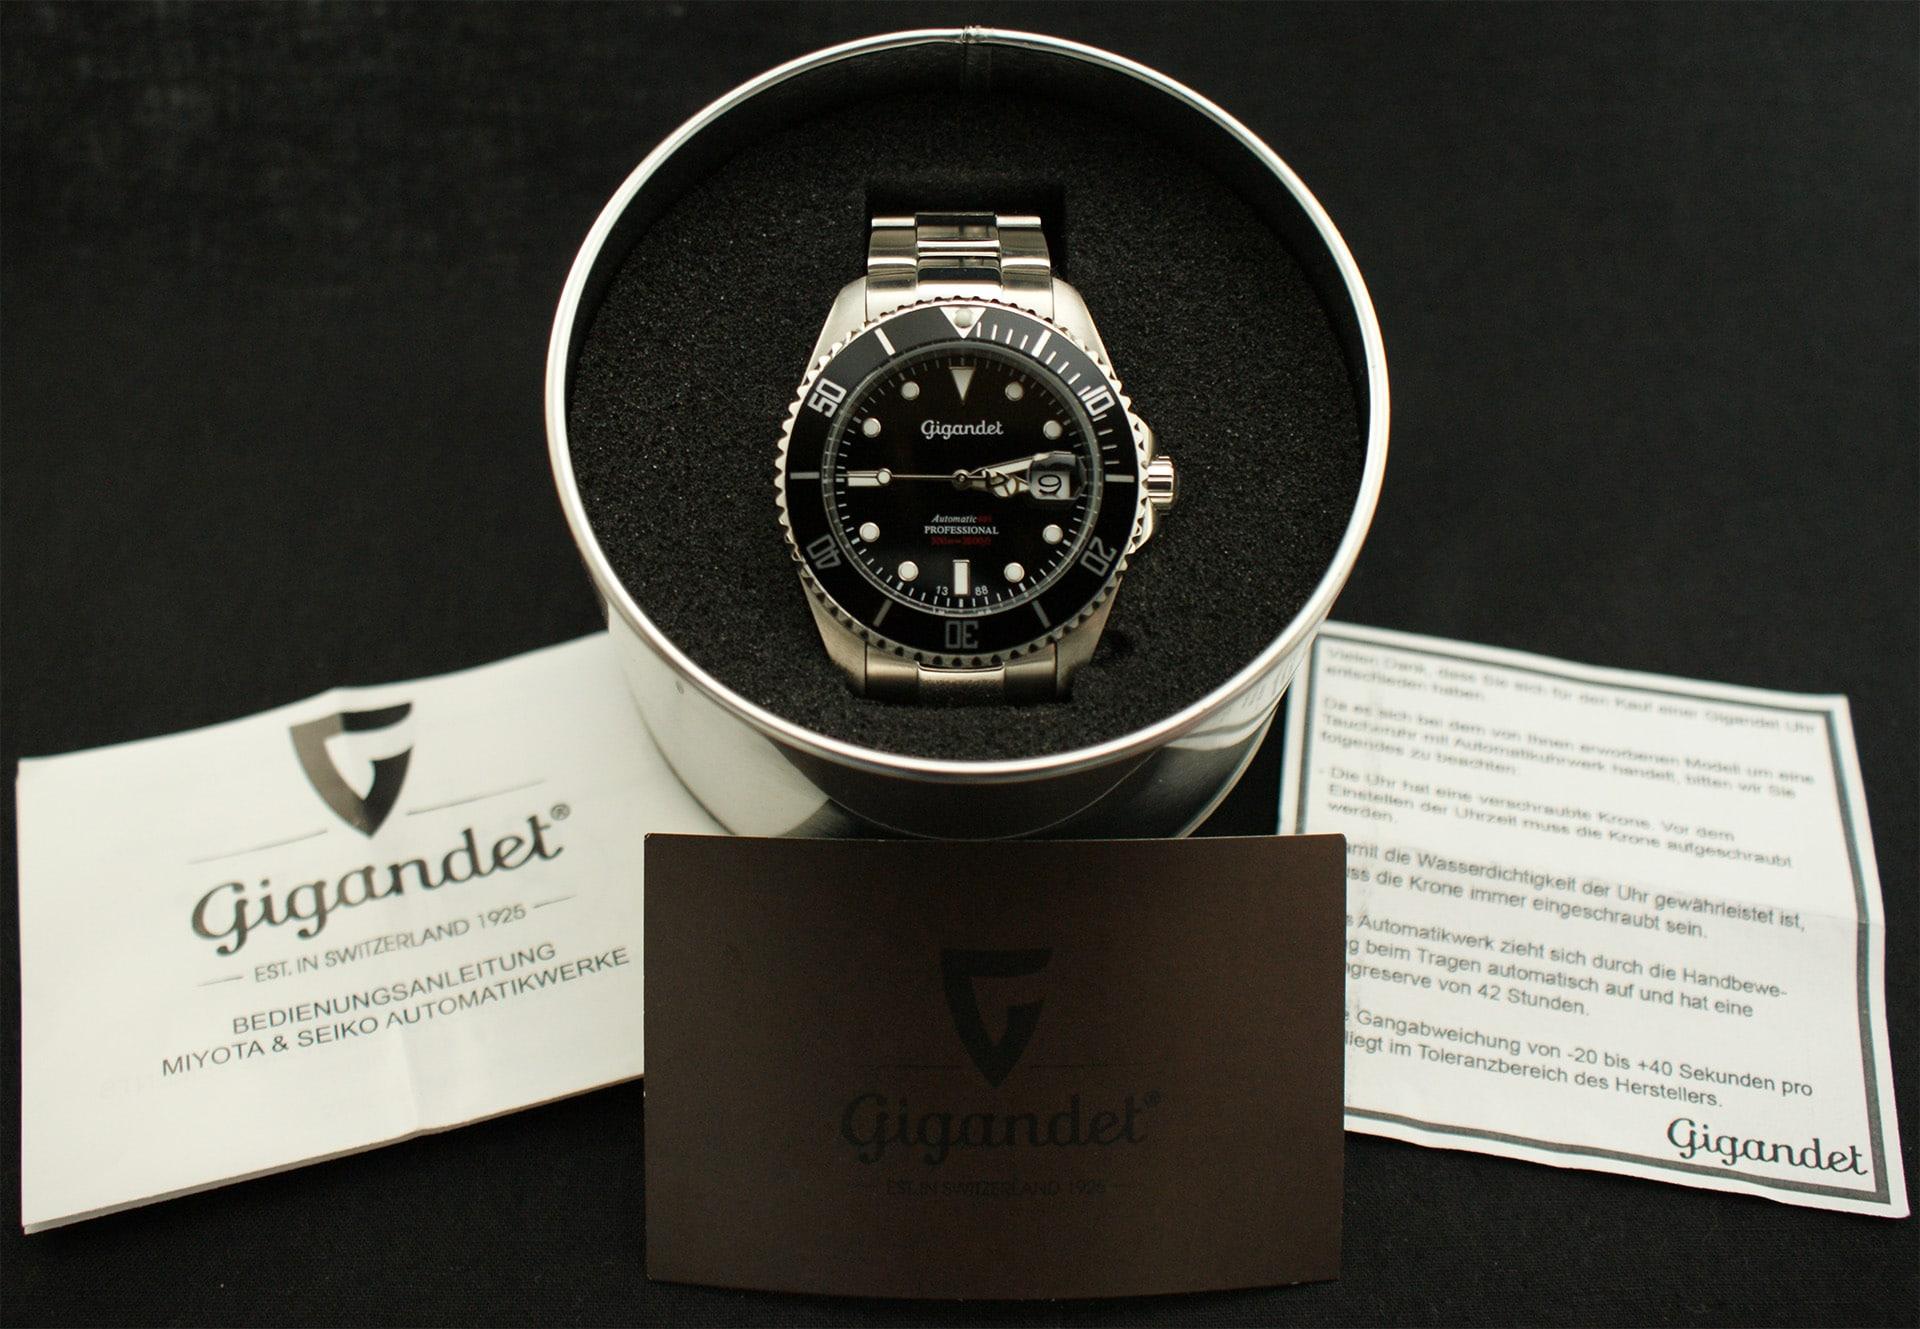 Im Lieferumfang befinden sich die Armbanduhr, die Garantiekarte, zusätzliche Gliederelemente für das Armband, Bedienungsanleitung des Uhrwerks sowie ein Hinweiskärtchen für den ersten Gebrauch.